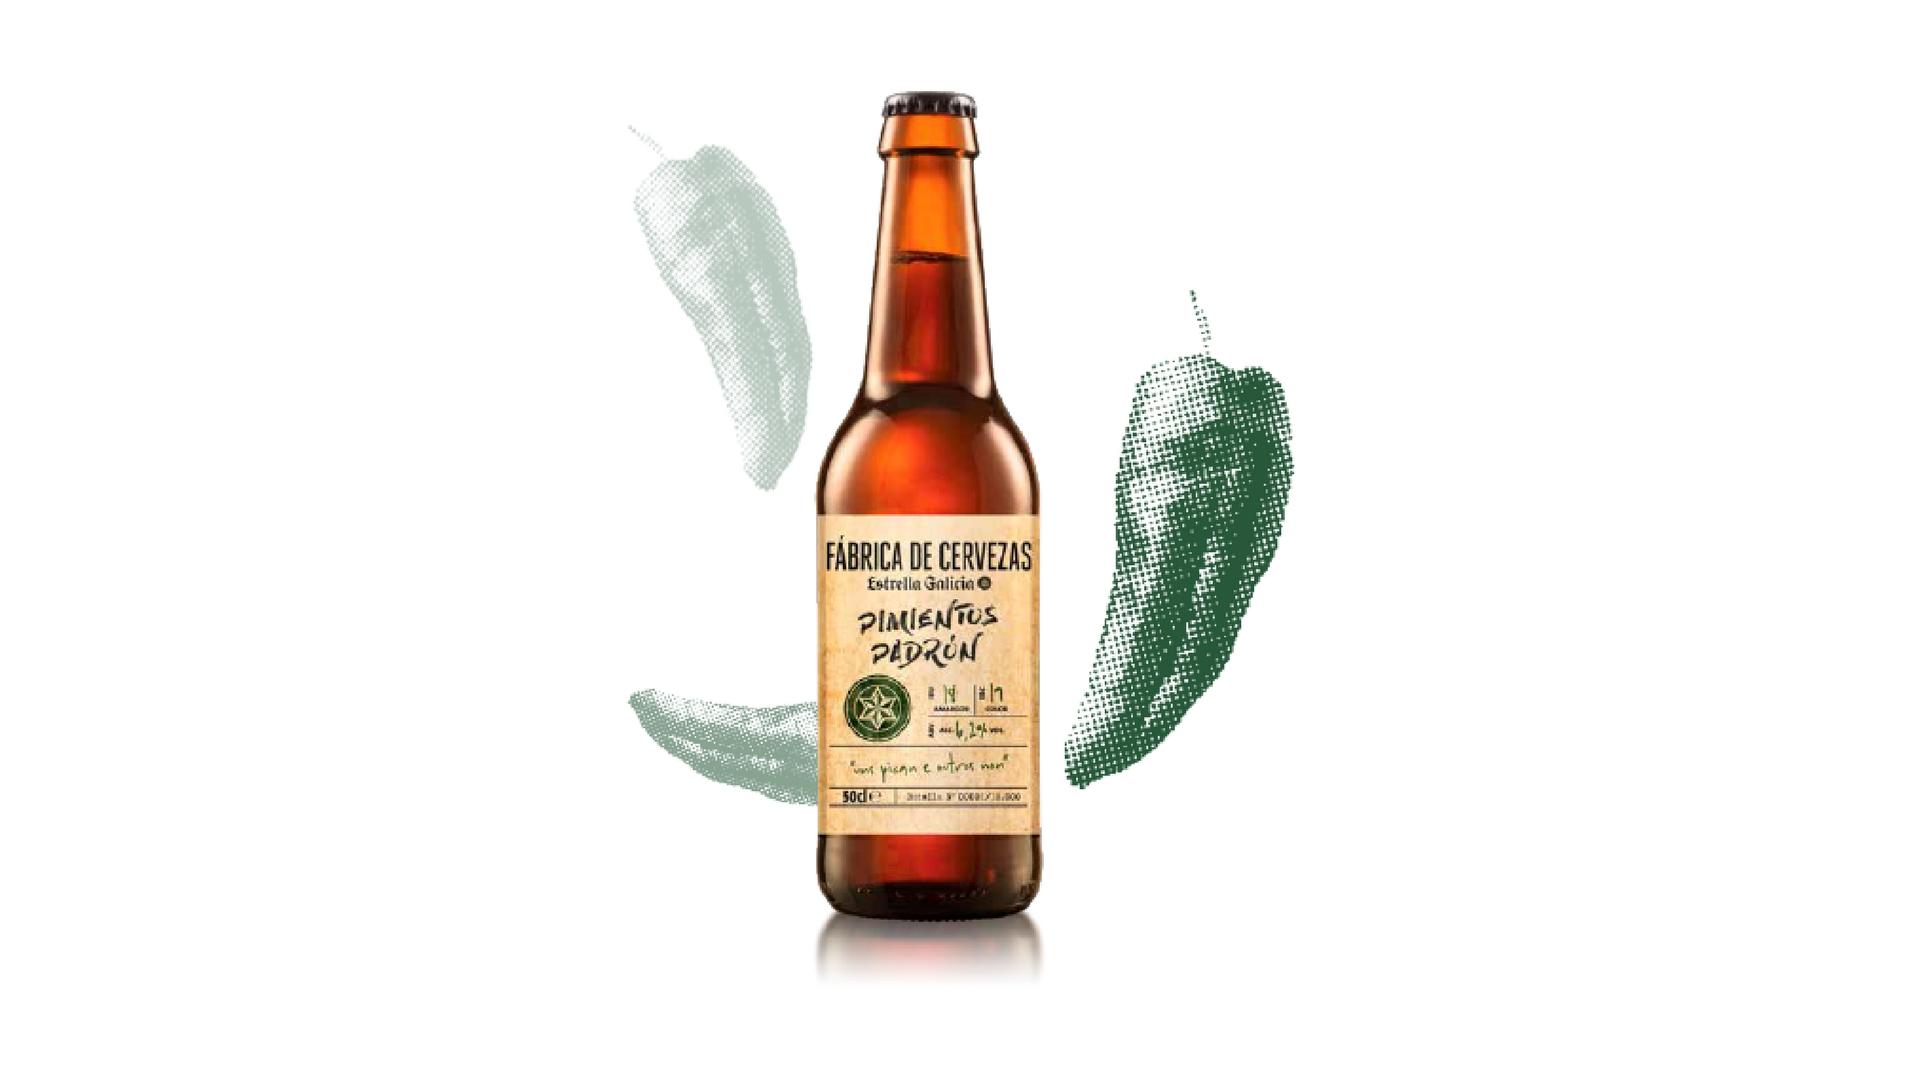 lo-ultimo-de-estrella-galicia-cerveza-con-pimientos-de-padron-1920